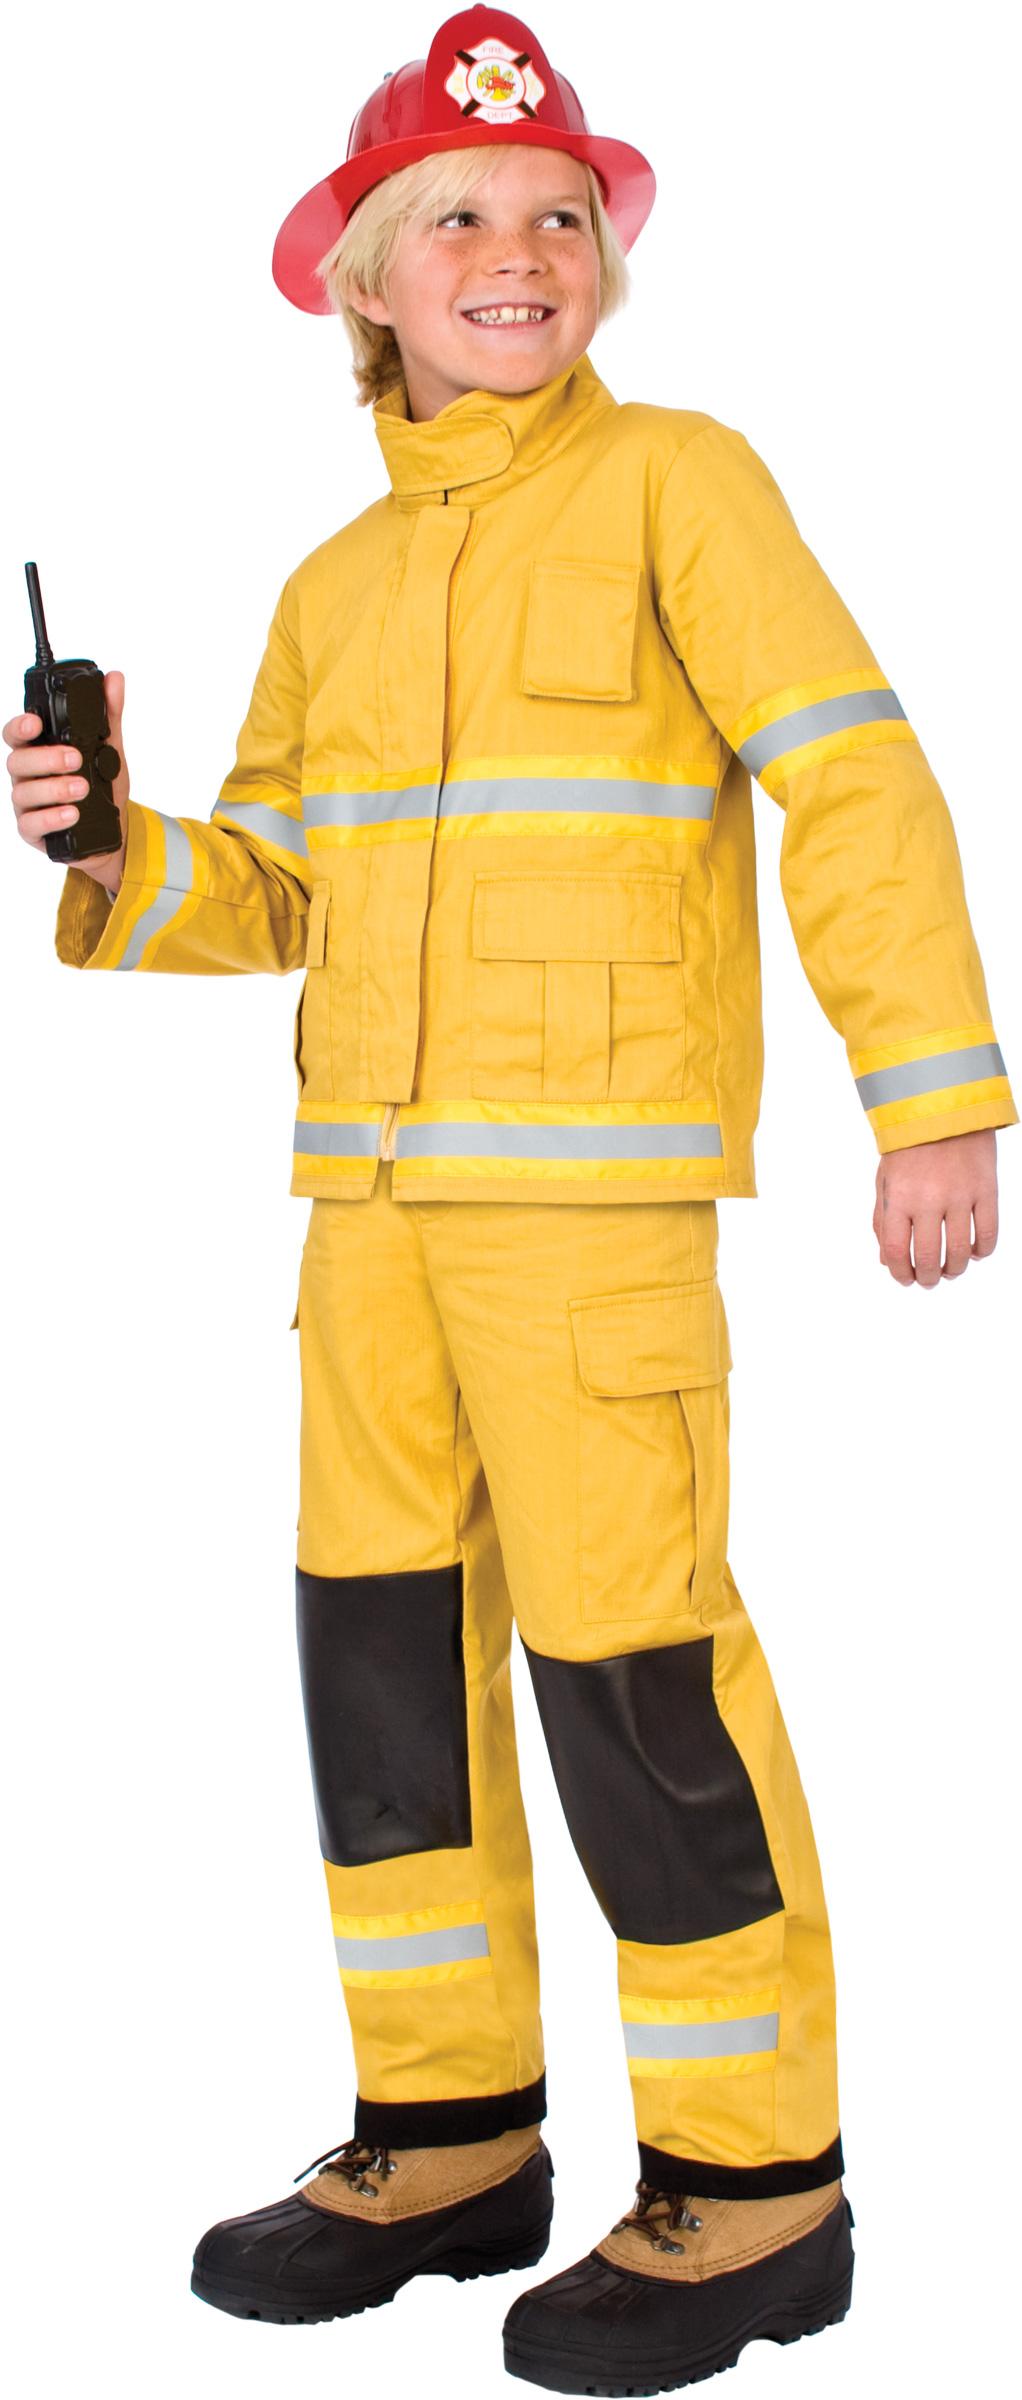 d guisement de pompier am ricain jaune enfant achat de d guisements enfants sur vegaoopro. Black Bedroom Furniture Sets. Home Design Ideas